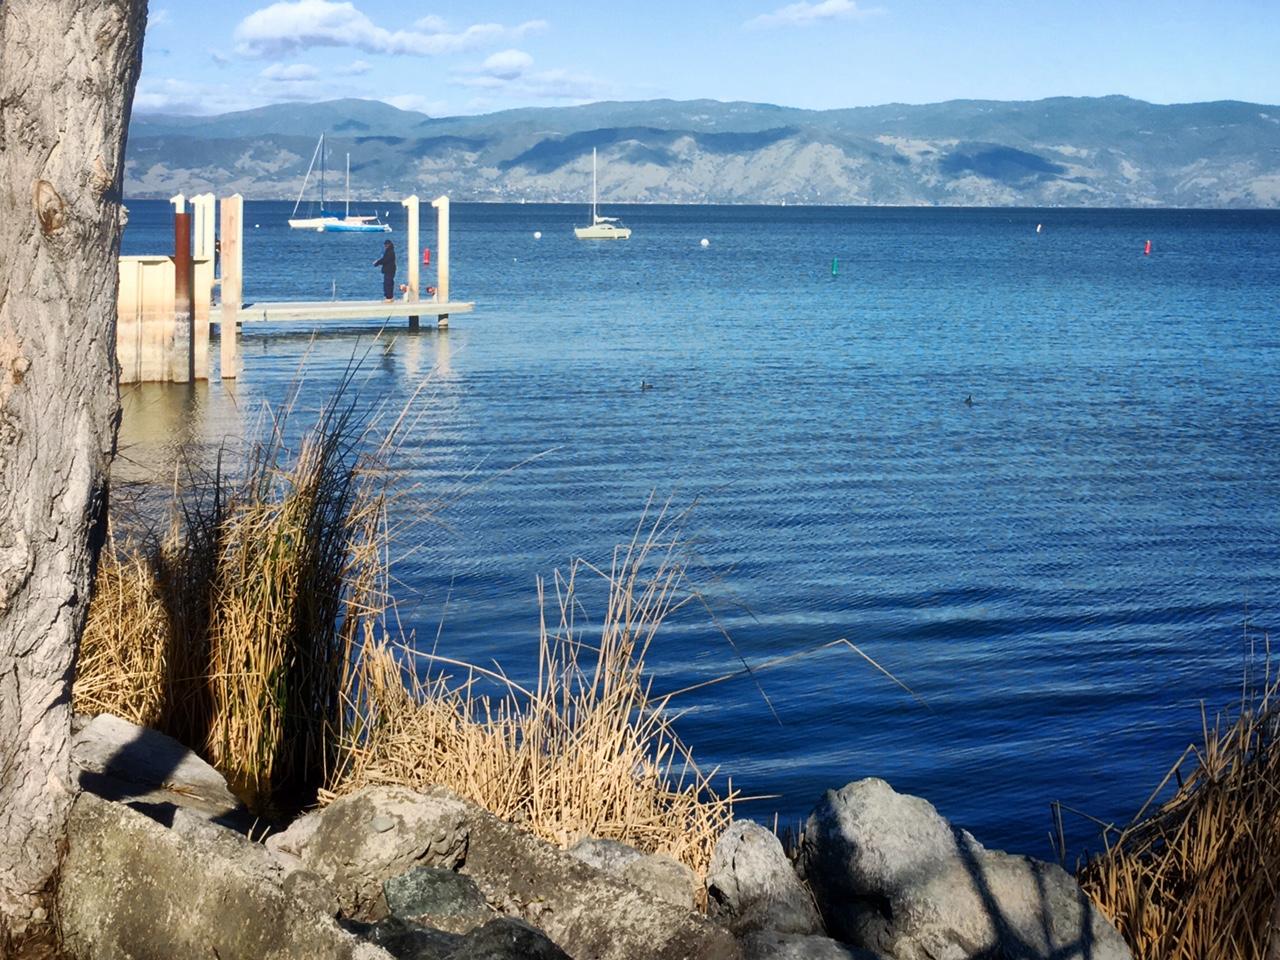 Lake County: A Sweet Spot Getaway north of San Francisco, Clear Lake